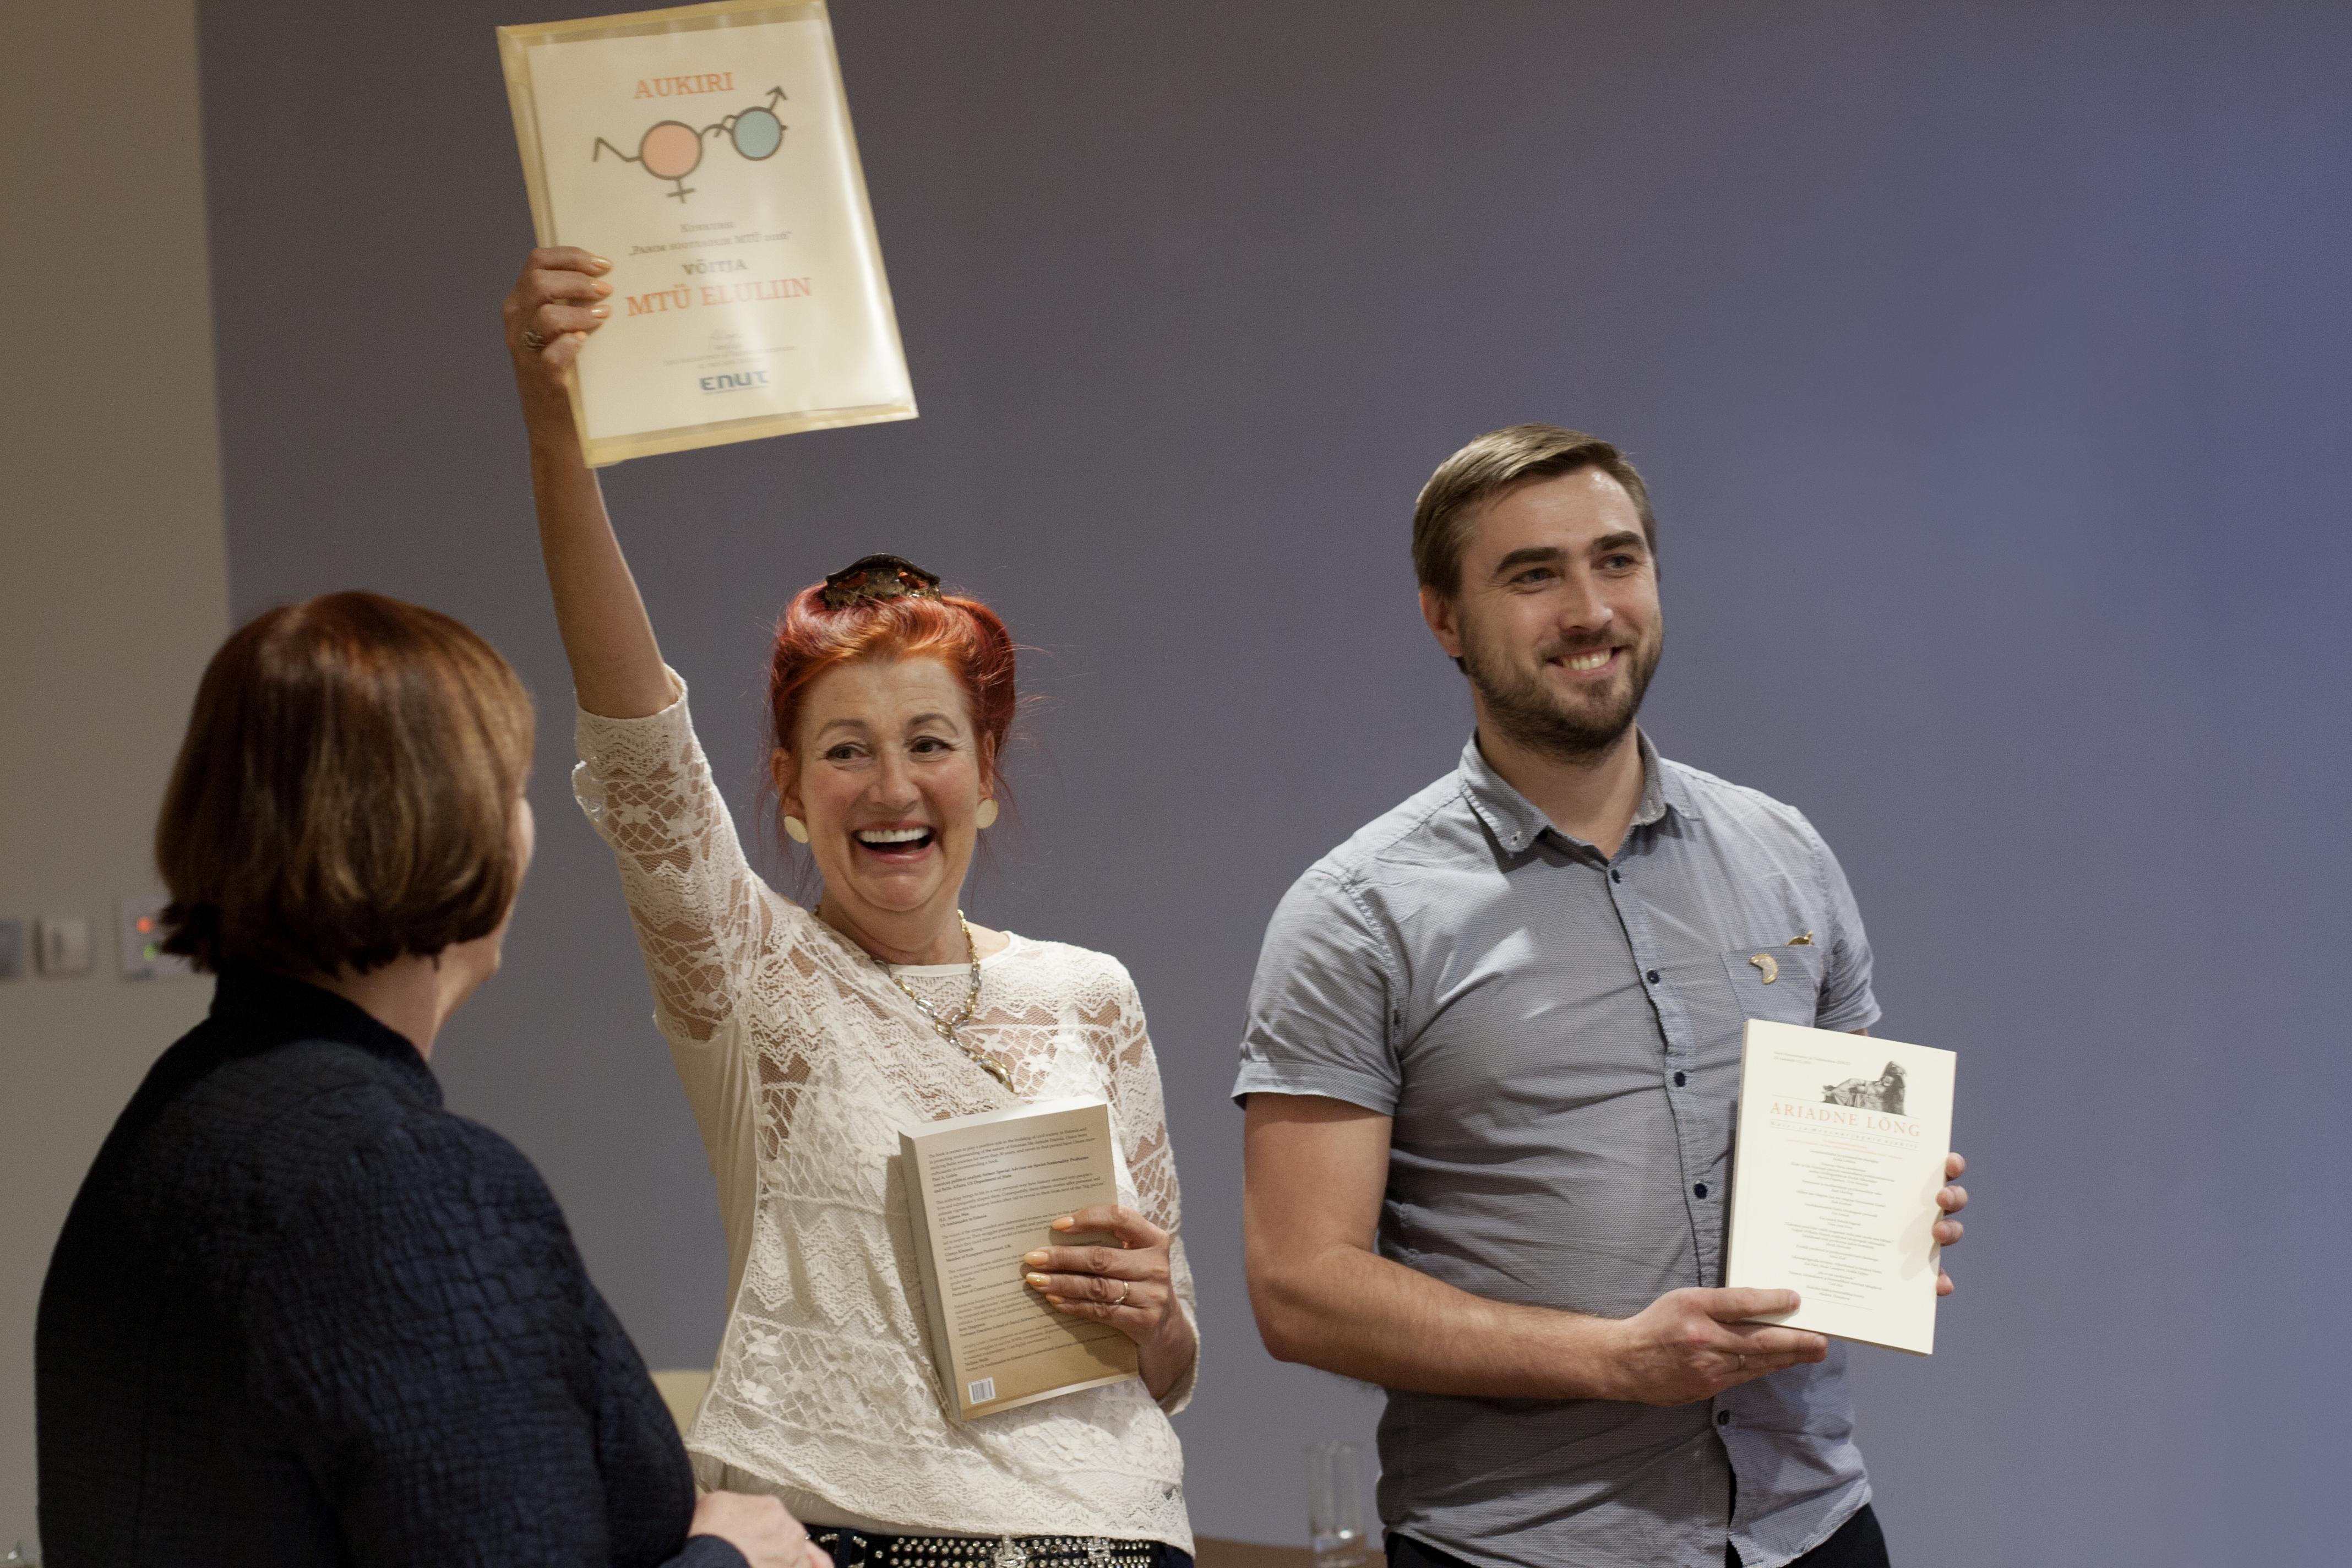 MTÜ Eluliini esindajad Pille Kaljurand ja Roman Krõlov ENUT kevadkonverentsil 2016 auhindamisel